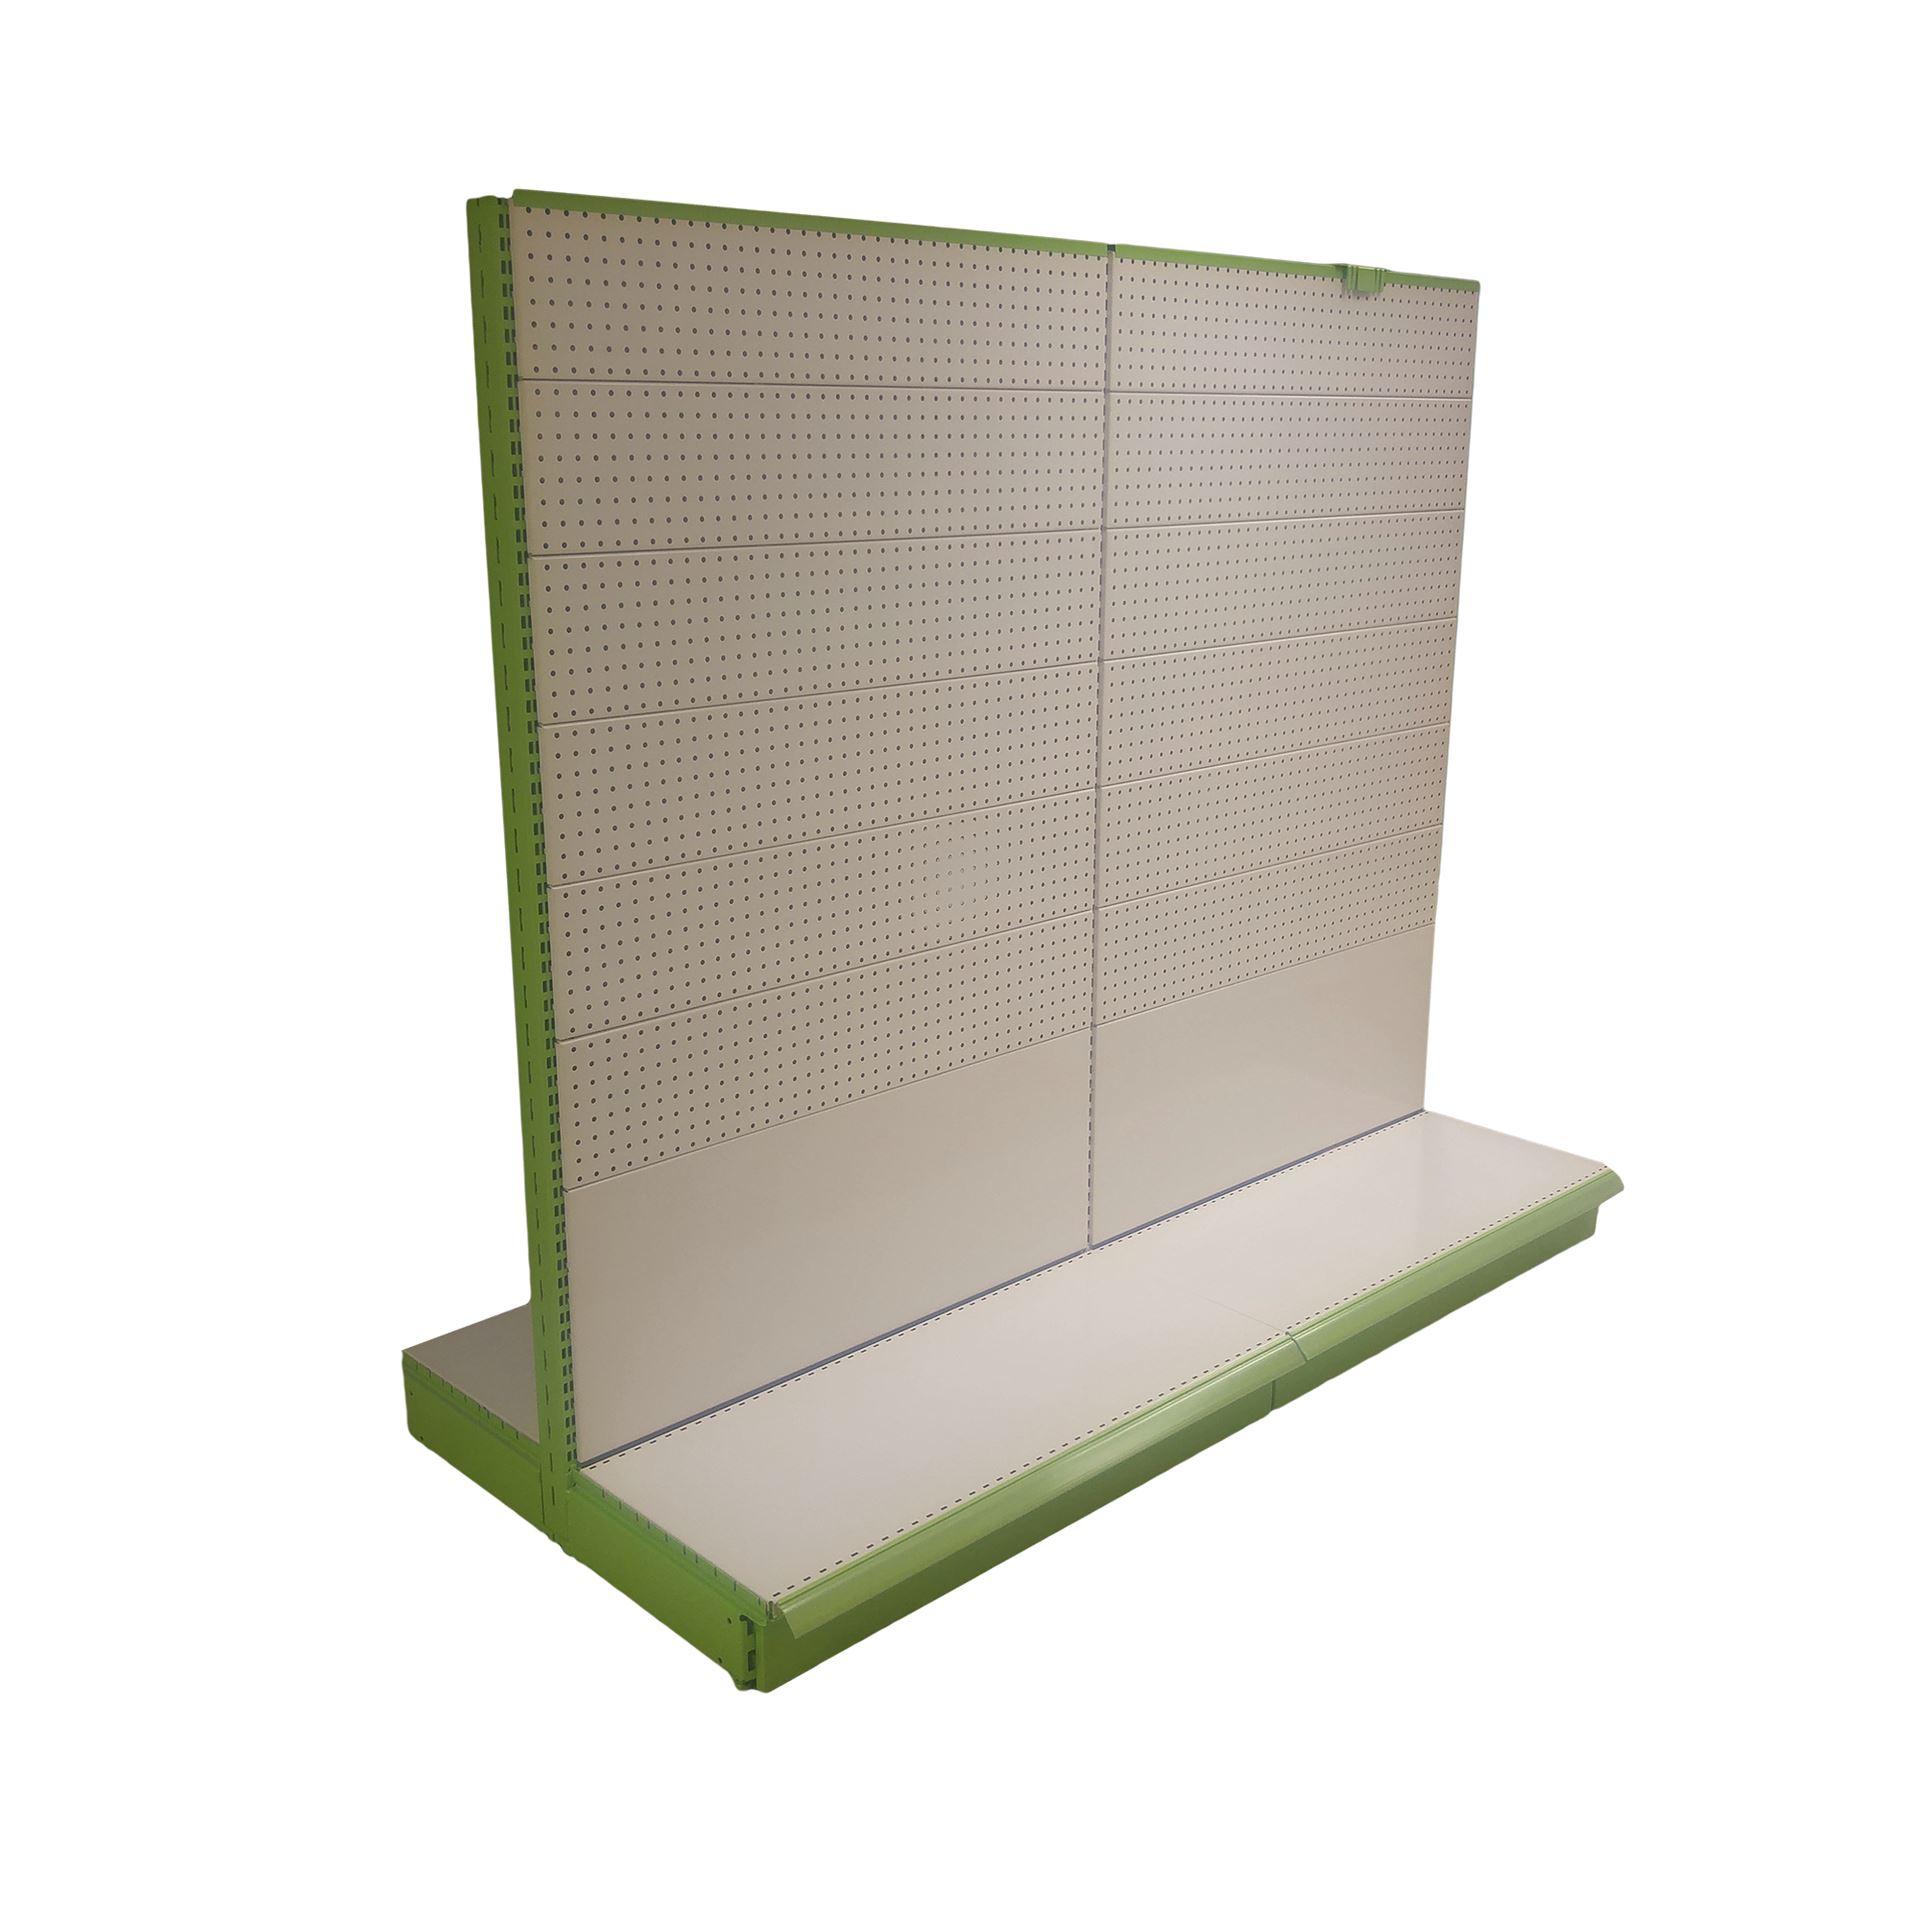 Imagen de Conjunto estanterías para comercio seminuevas